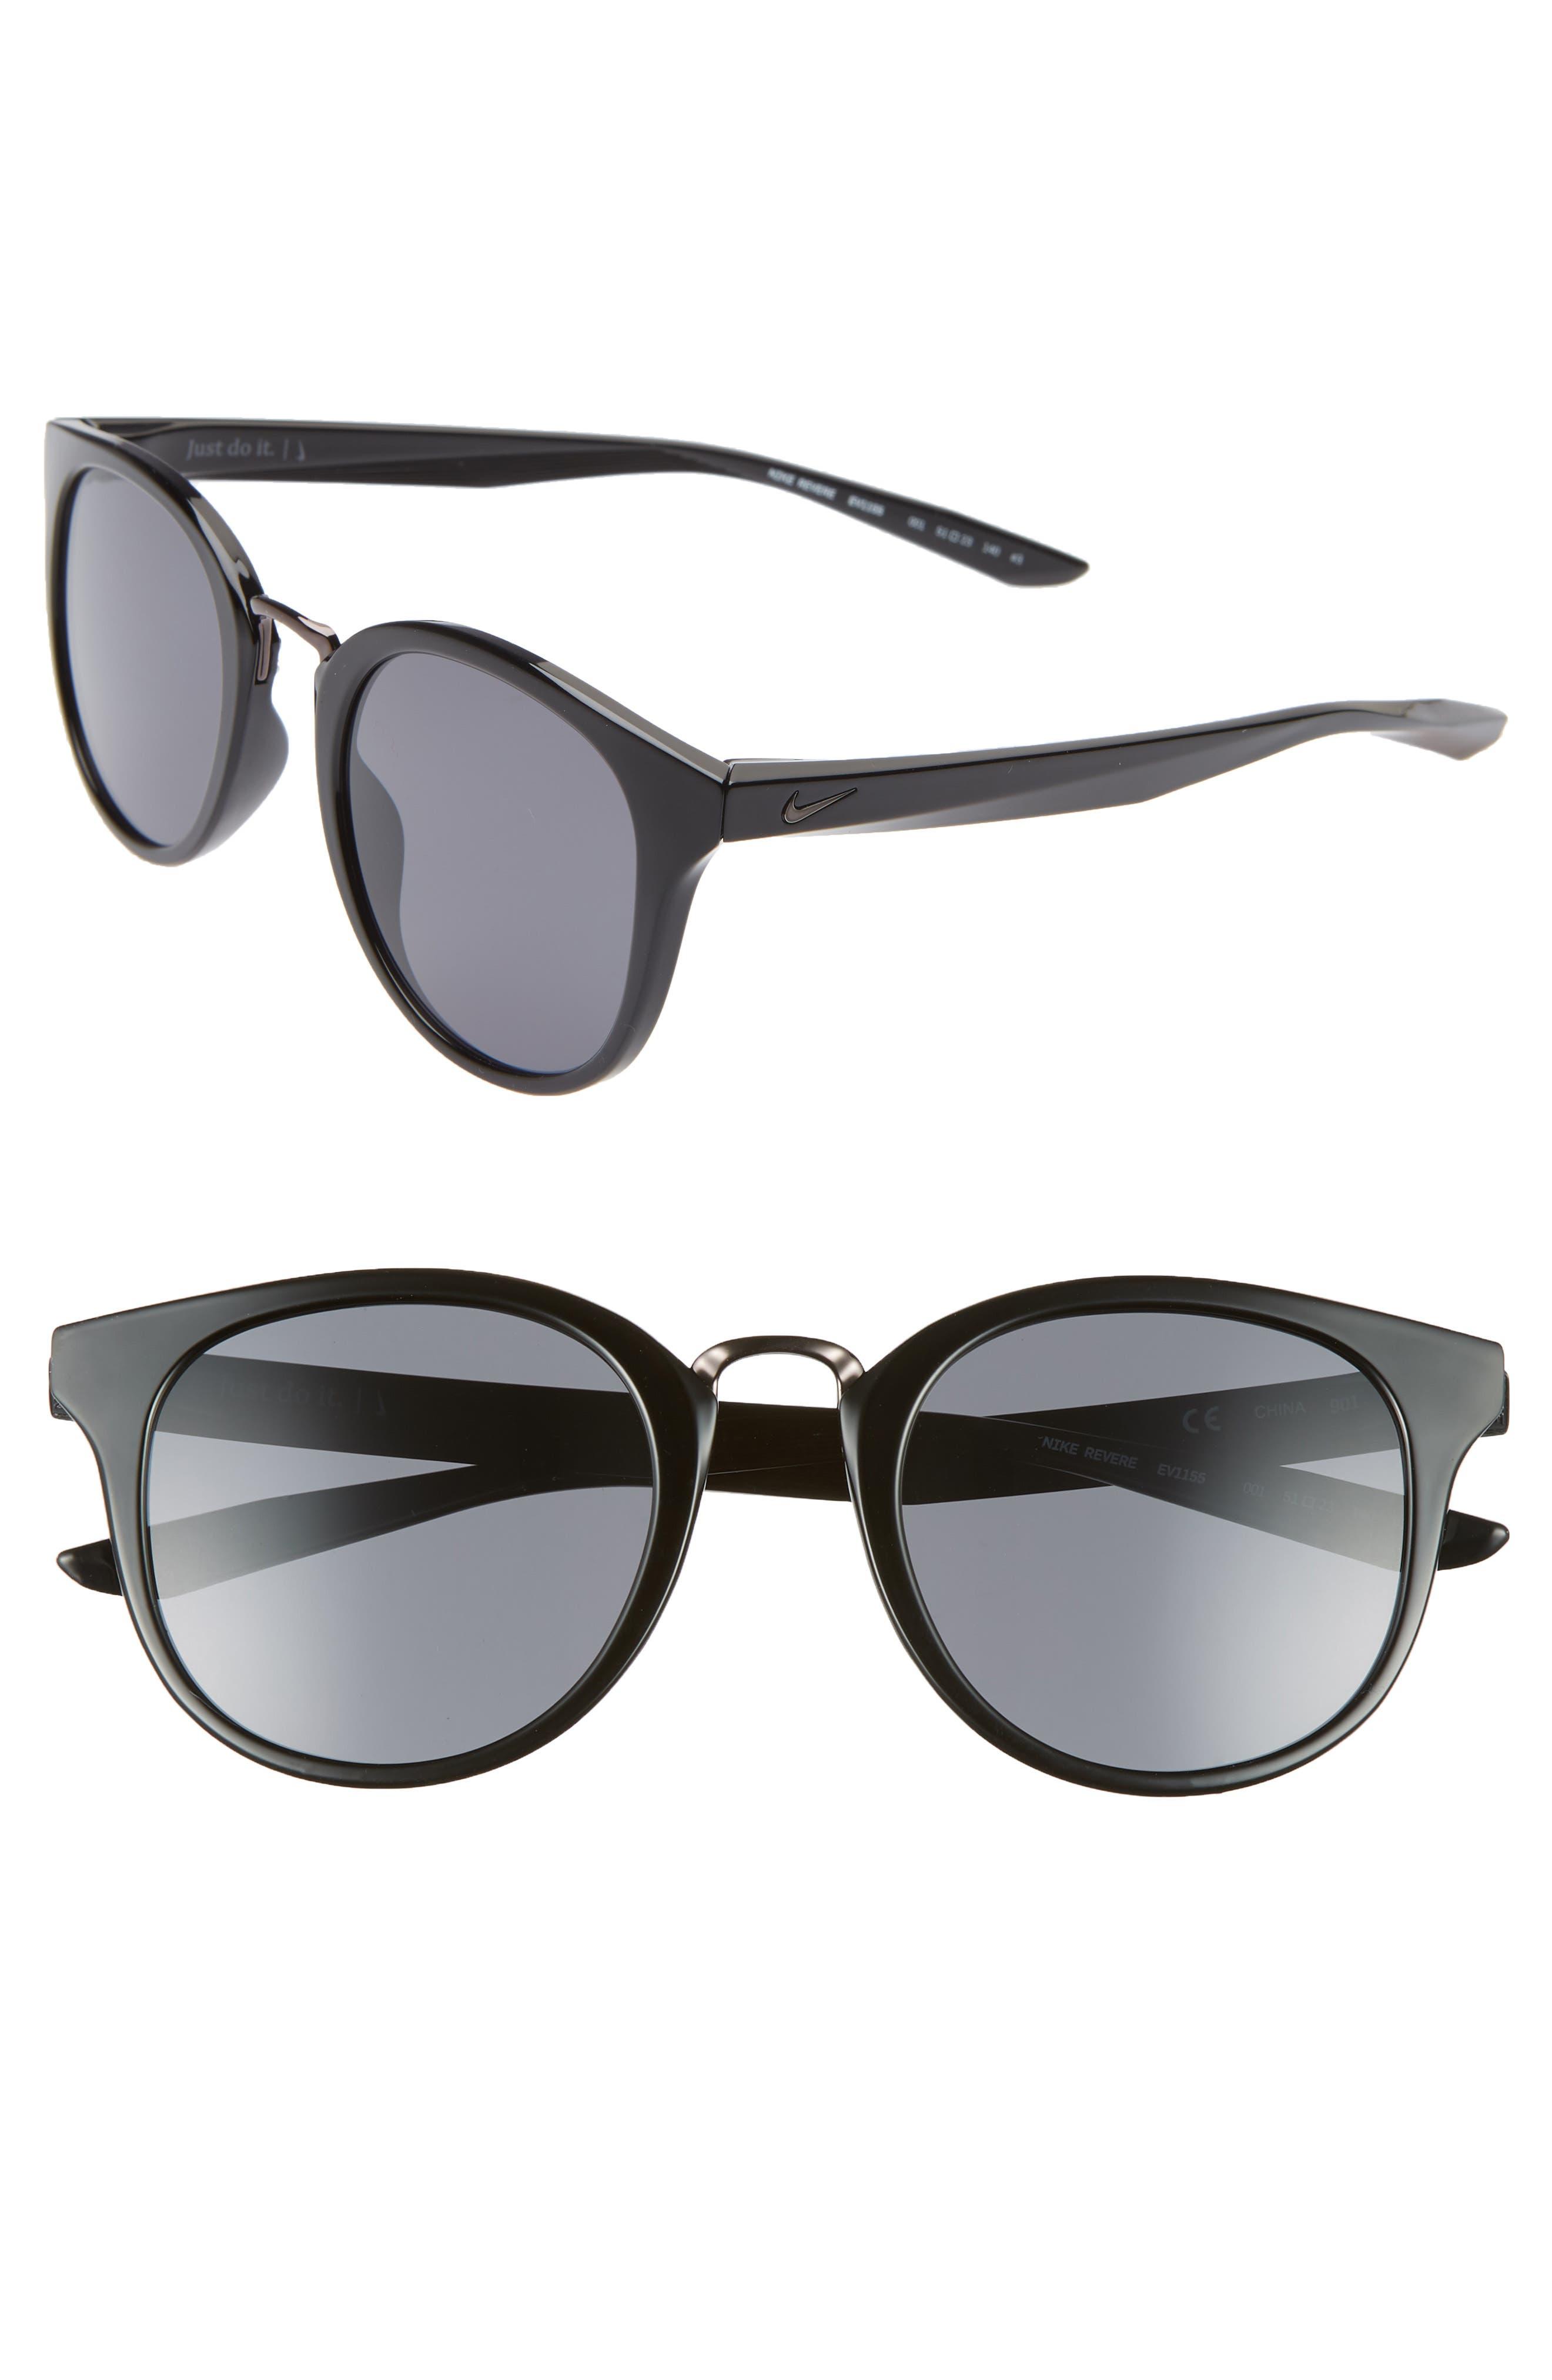 Nike Revere 51Mm Round Sunglasses - Black/ Dark Grey